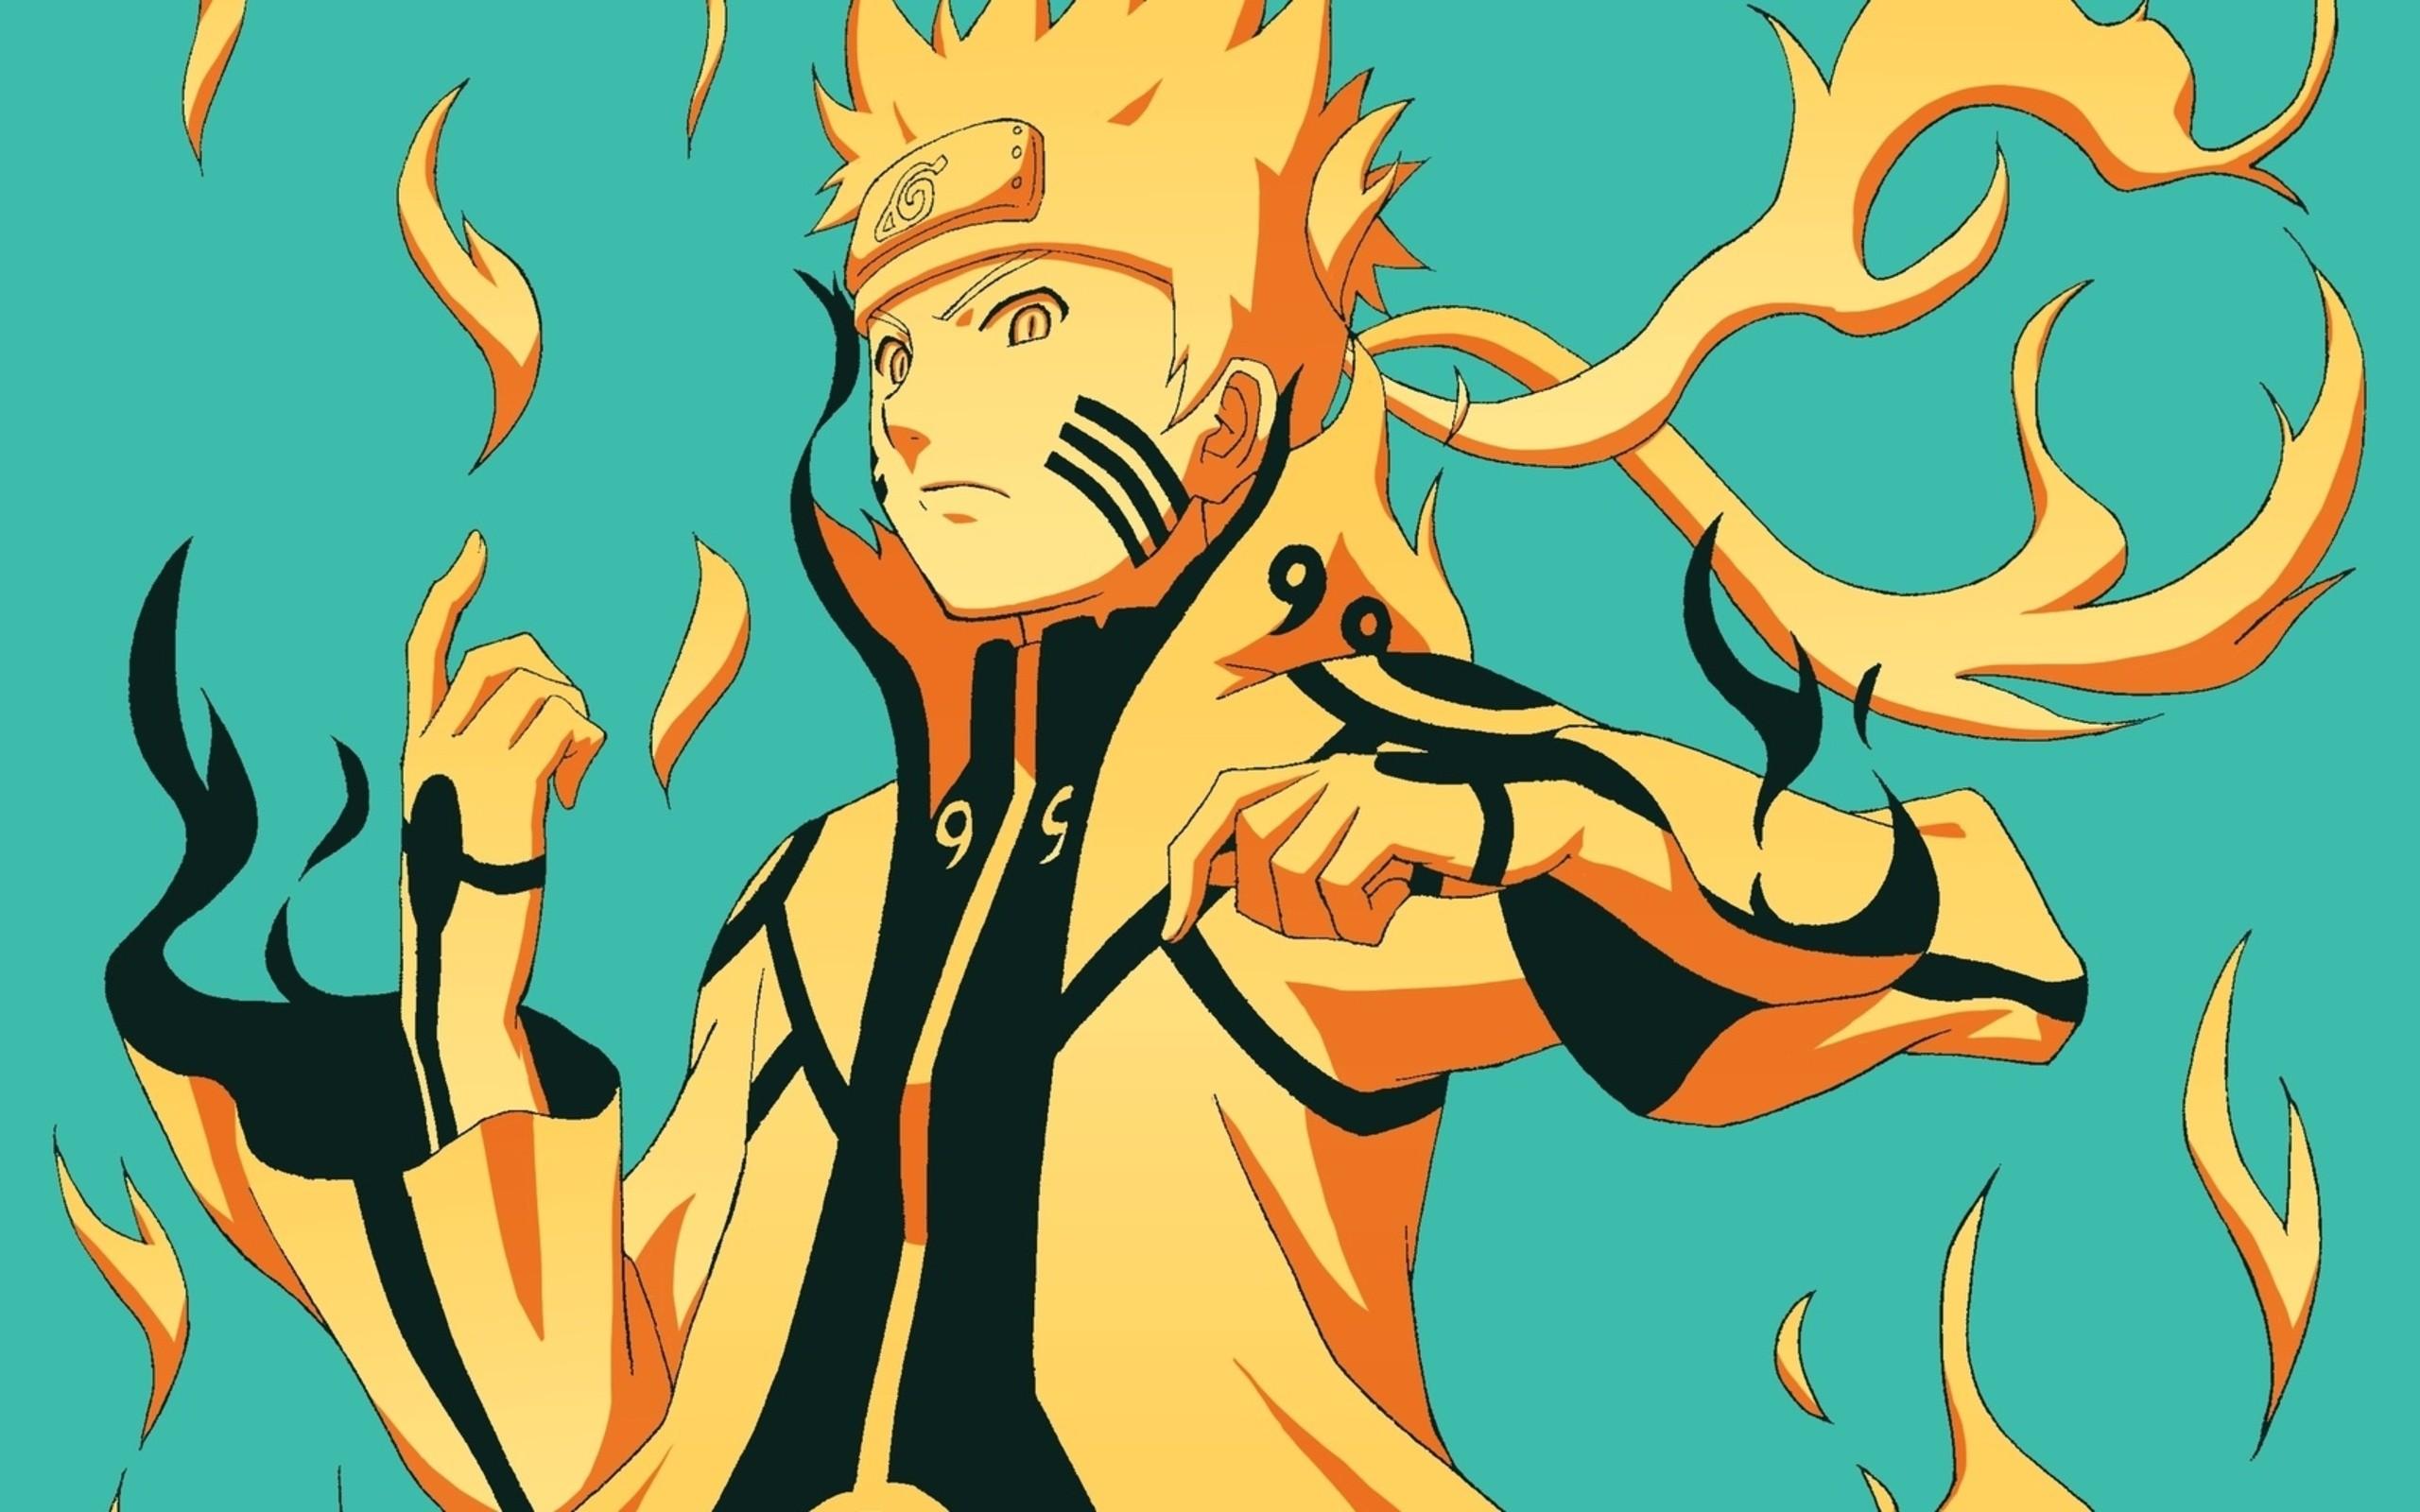 Naruto Shippuden wallpaper 28